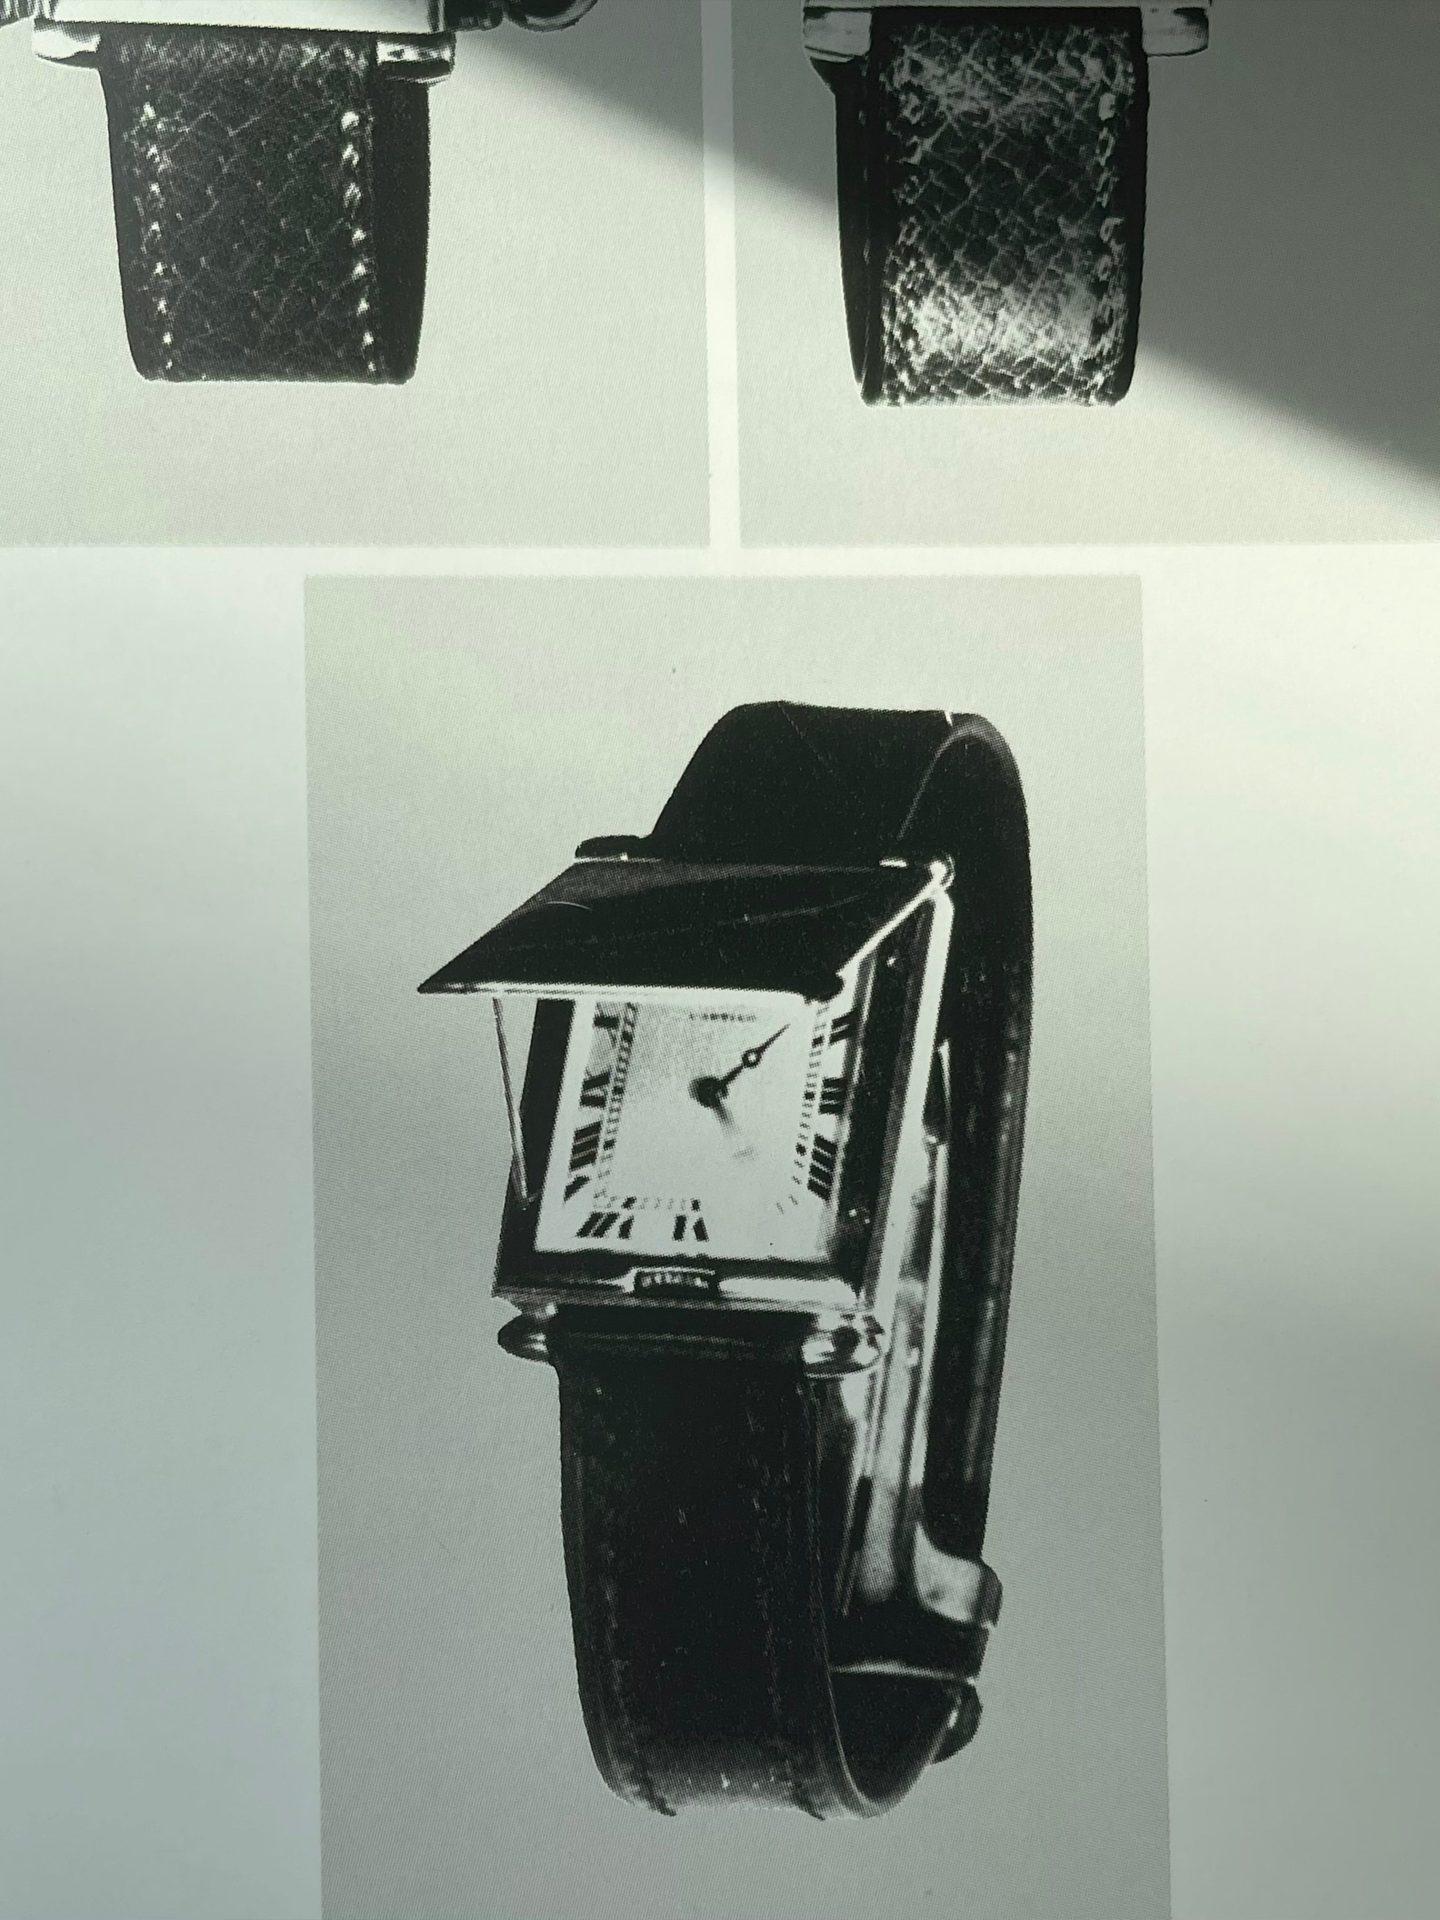 Cartier Tank Obus Savonnette in Le Temps de Cartier for A Collected Man London